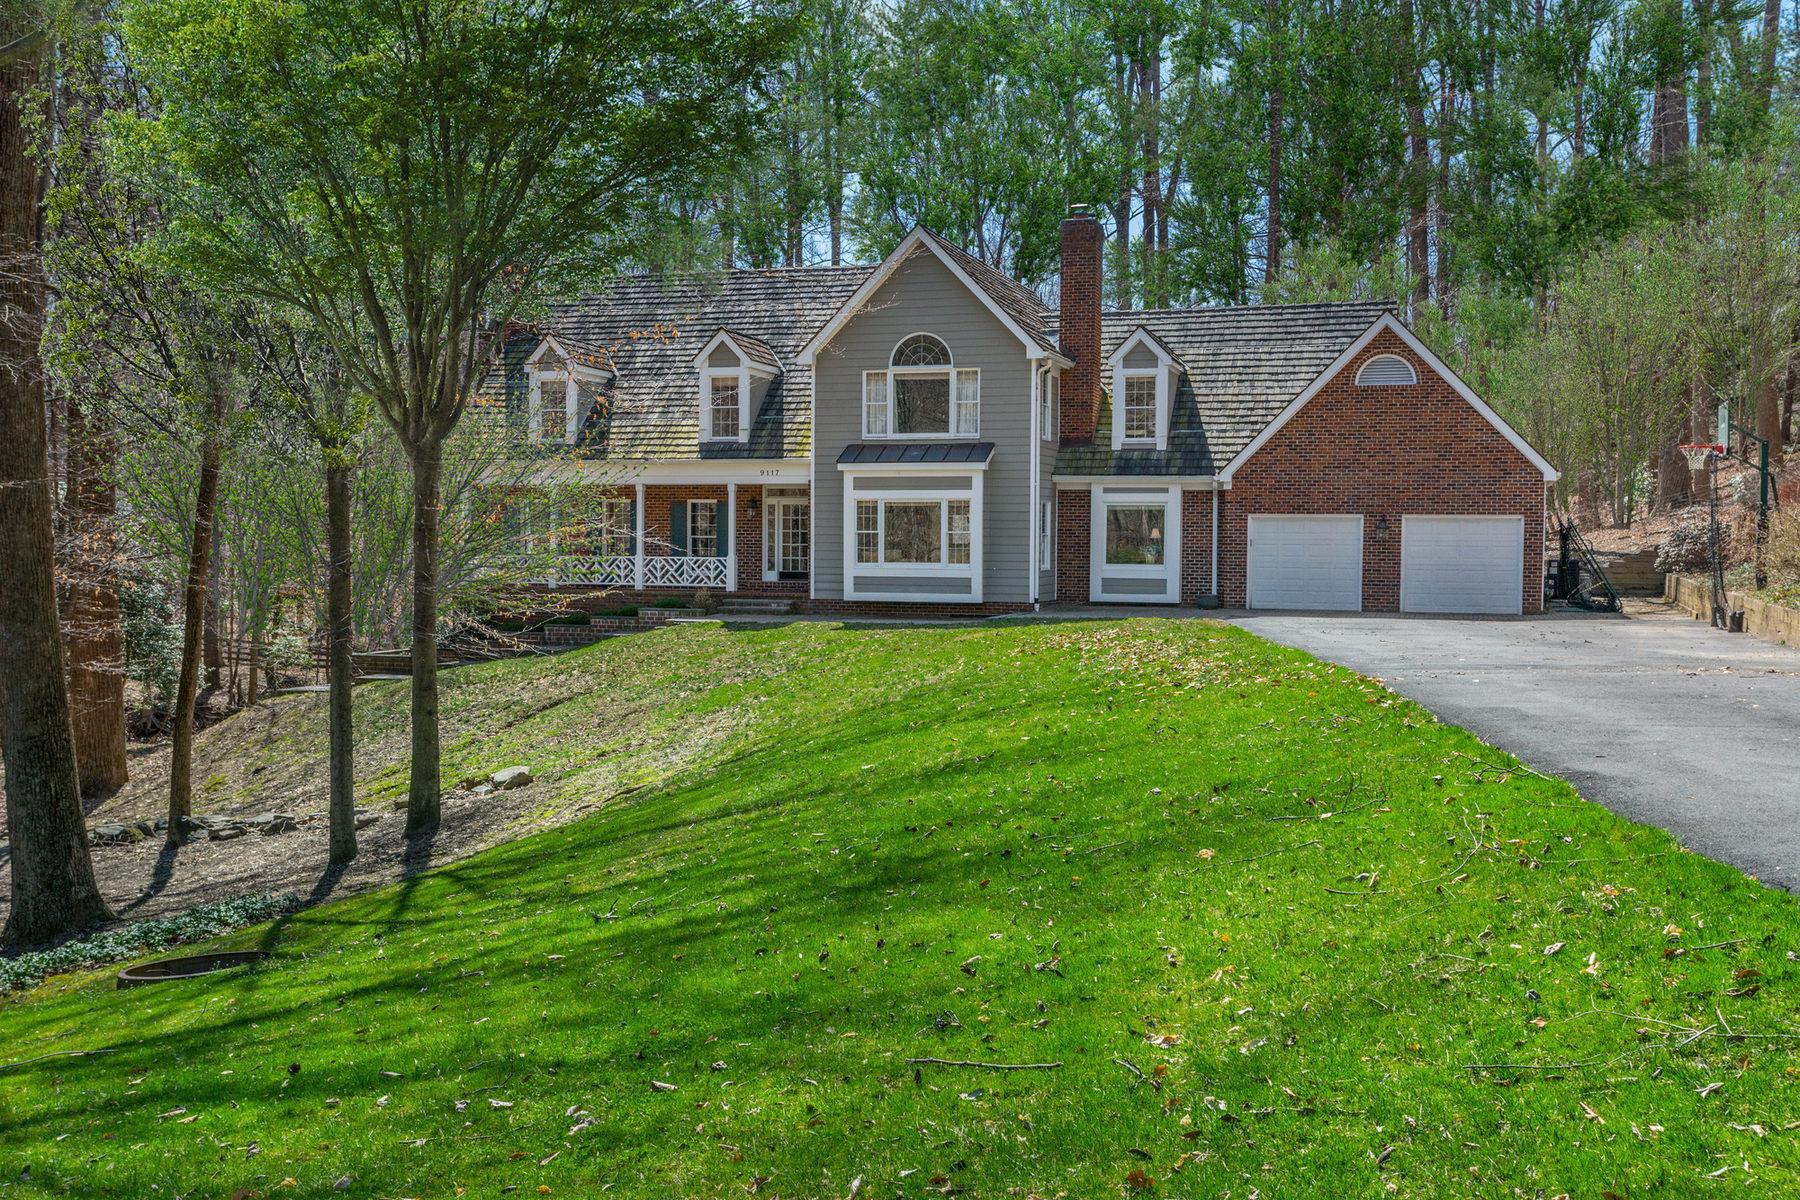 一戸建て のために 売買 アット 9117 Maria Avenue, Great Falls Great Falls, バージニア 22066 アメリカ合衆国